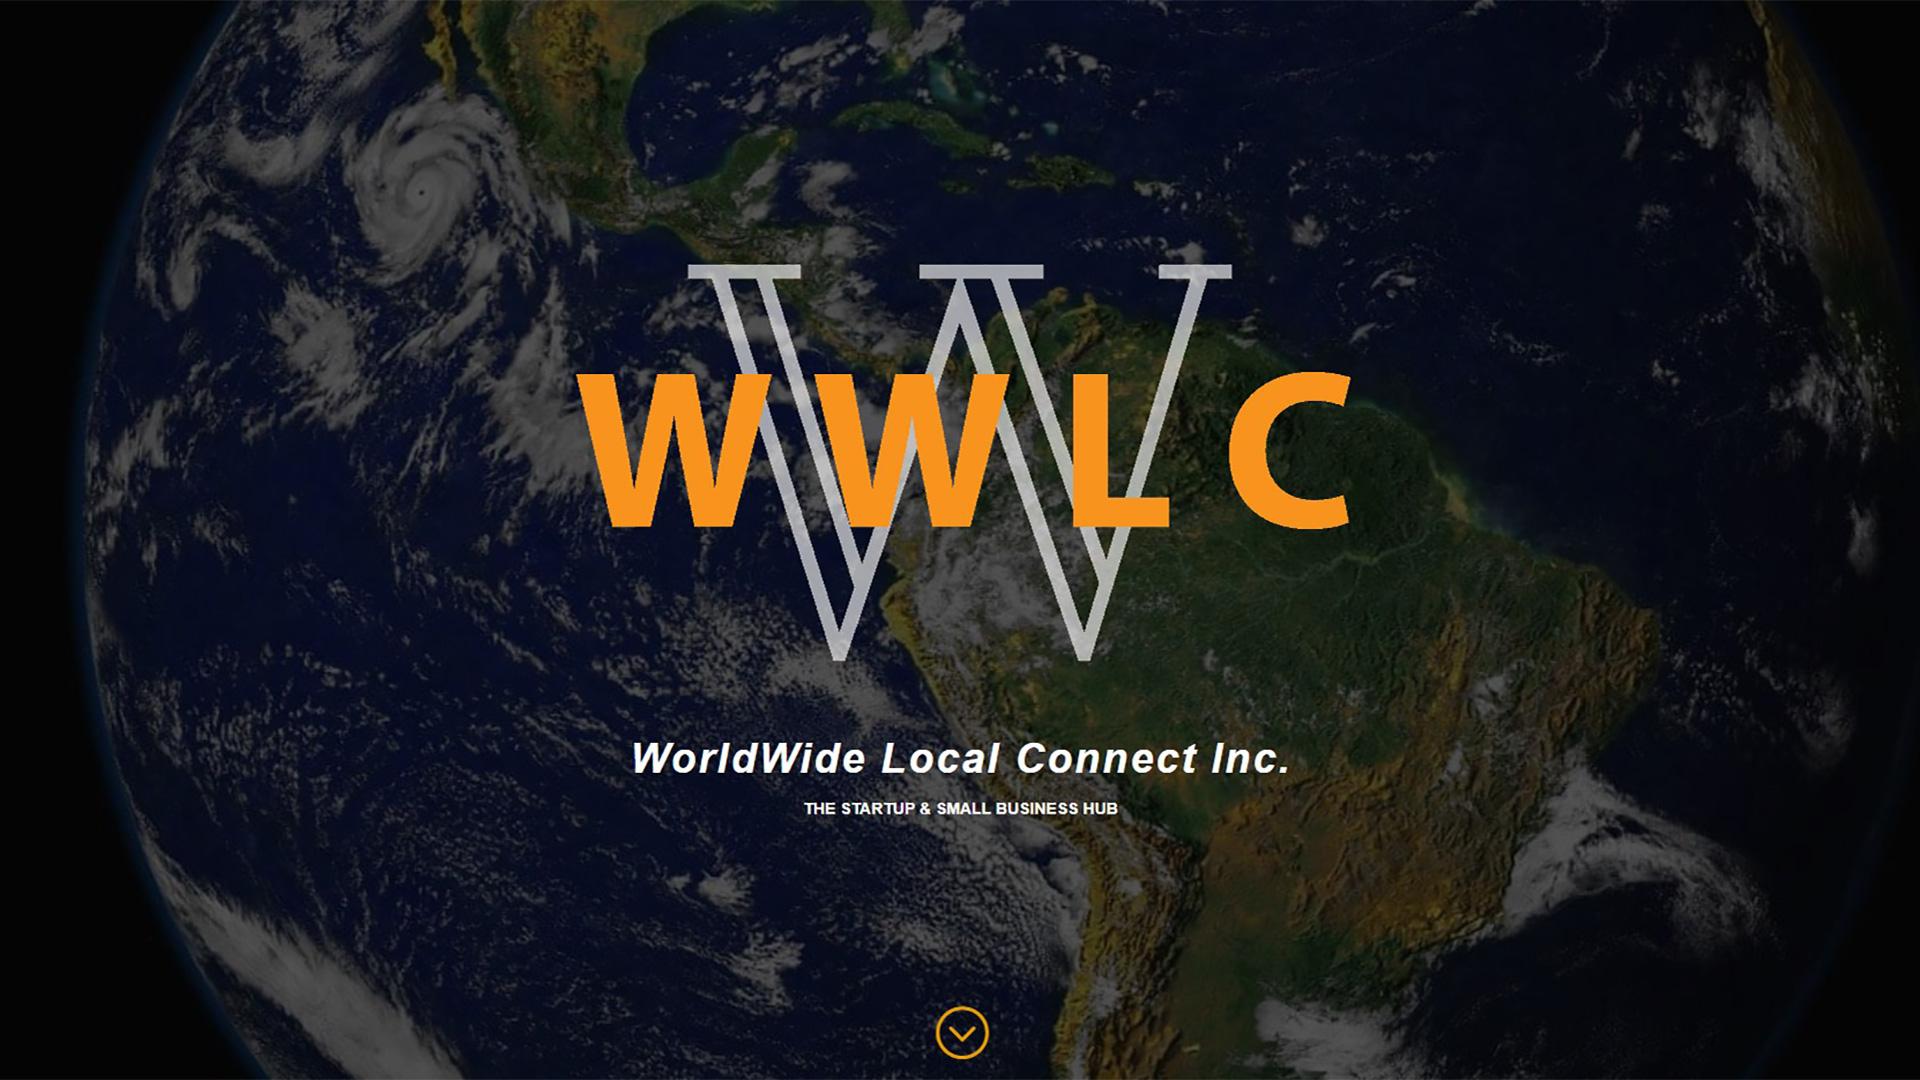 WorldWide Local Connect Inc. - Hans van Putten